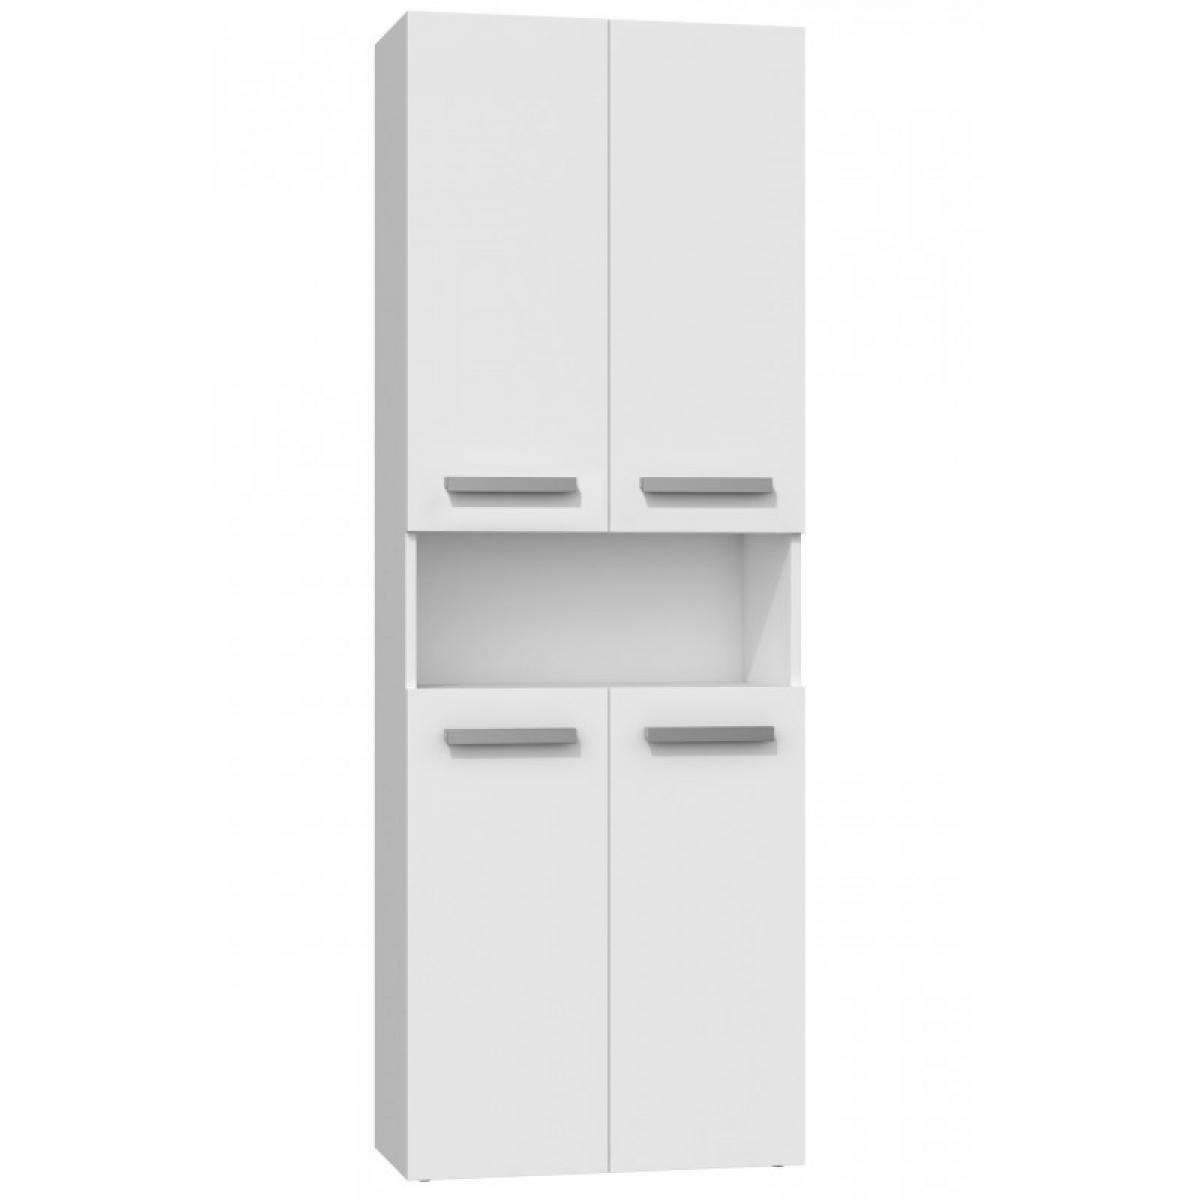 Hucoco MOBY   Armoire de salle de bain avec deux paniers   Poignées minimalistes   174x60x30   Colonne de rangement - Blanc